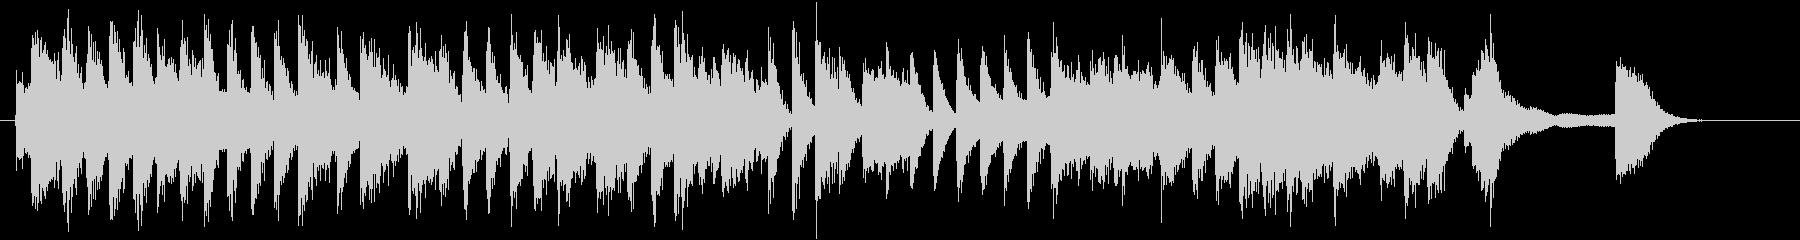 童謡・うれしいひなまつりピアノジングルEの未再生の波形